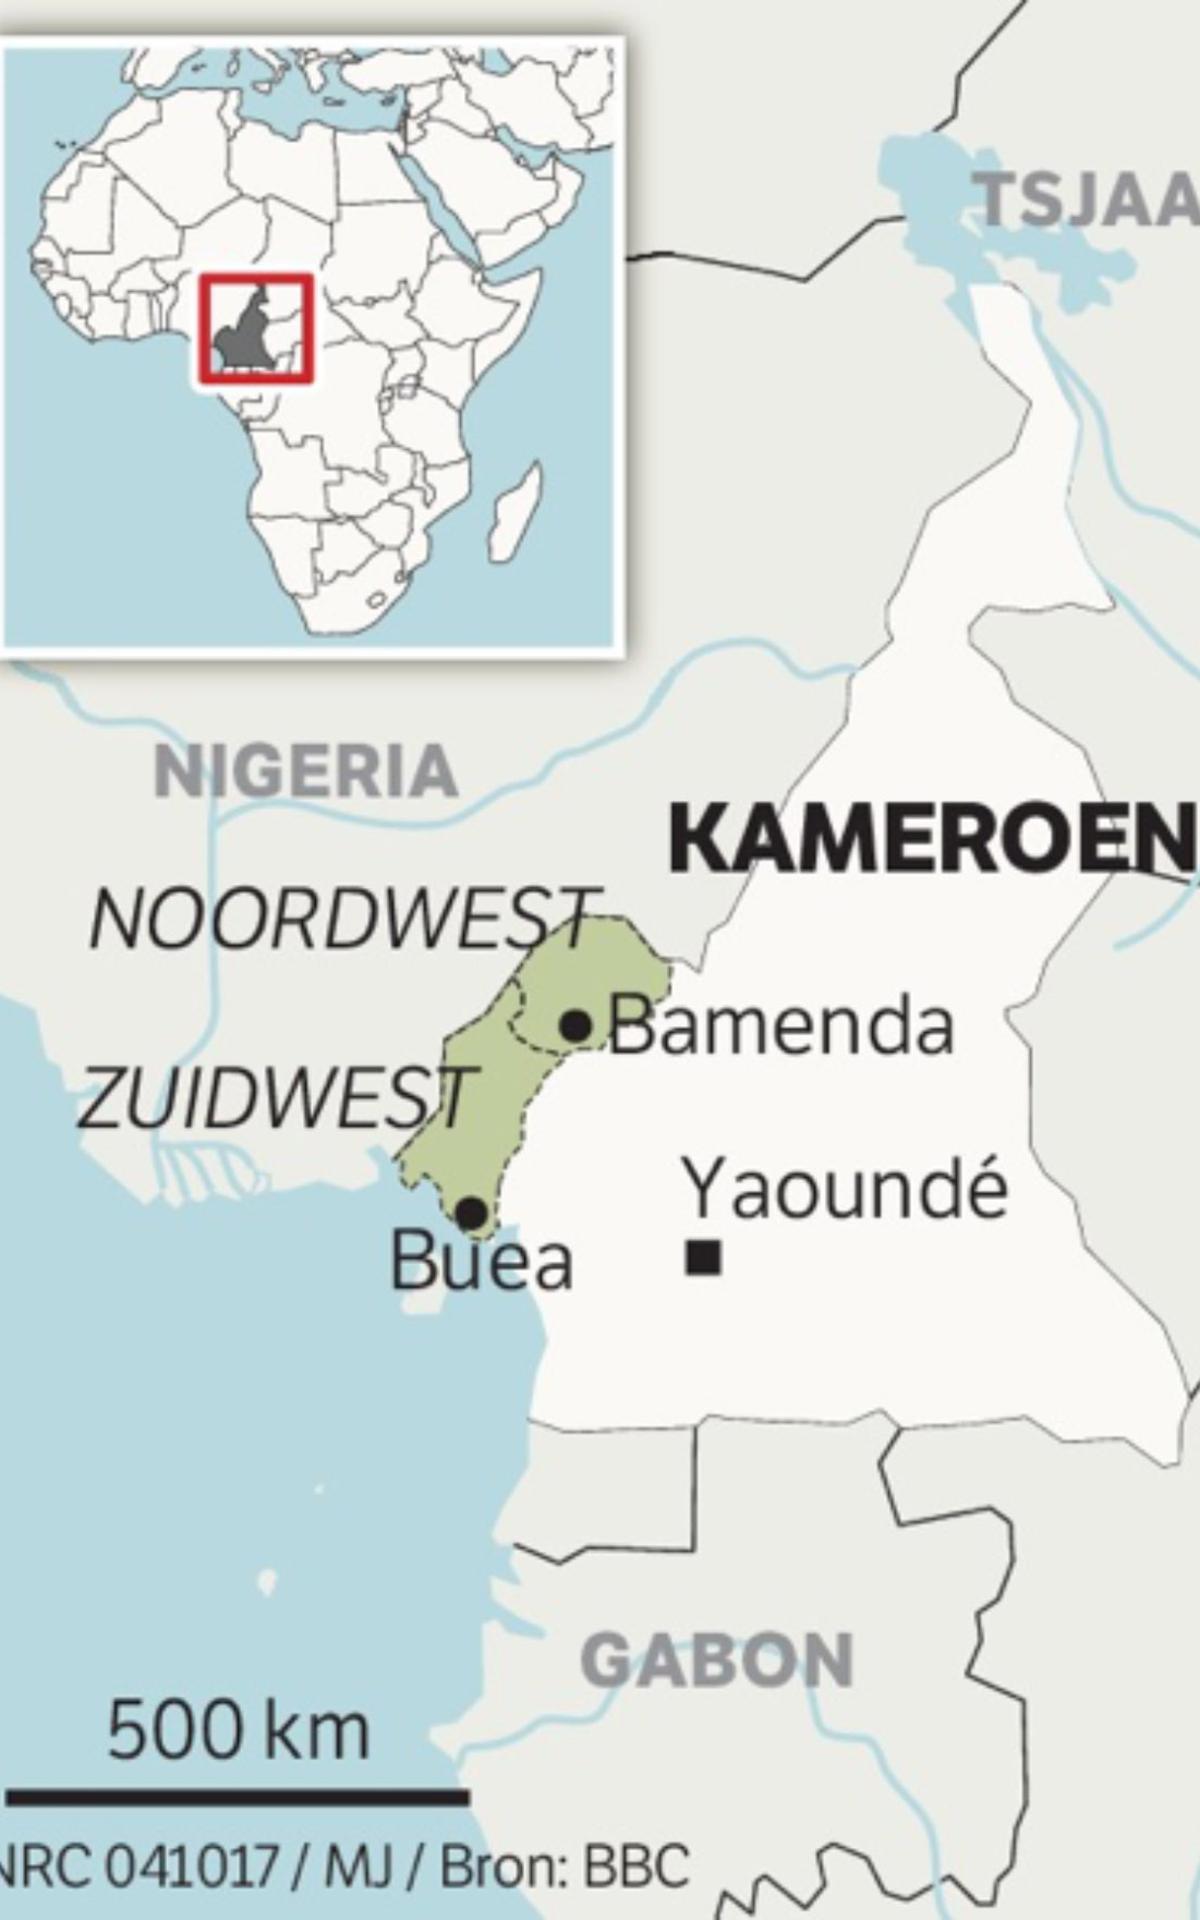 Actie kerk voor vluchtelingen uit Kameroen